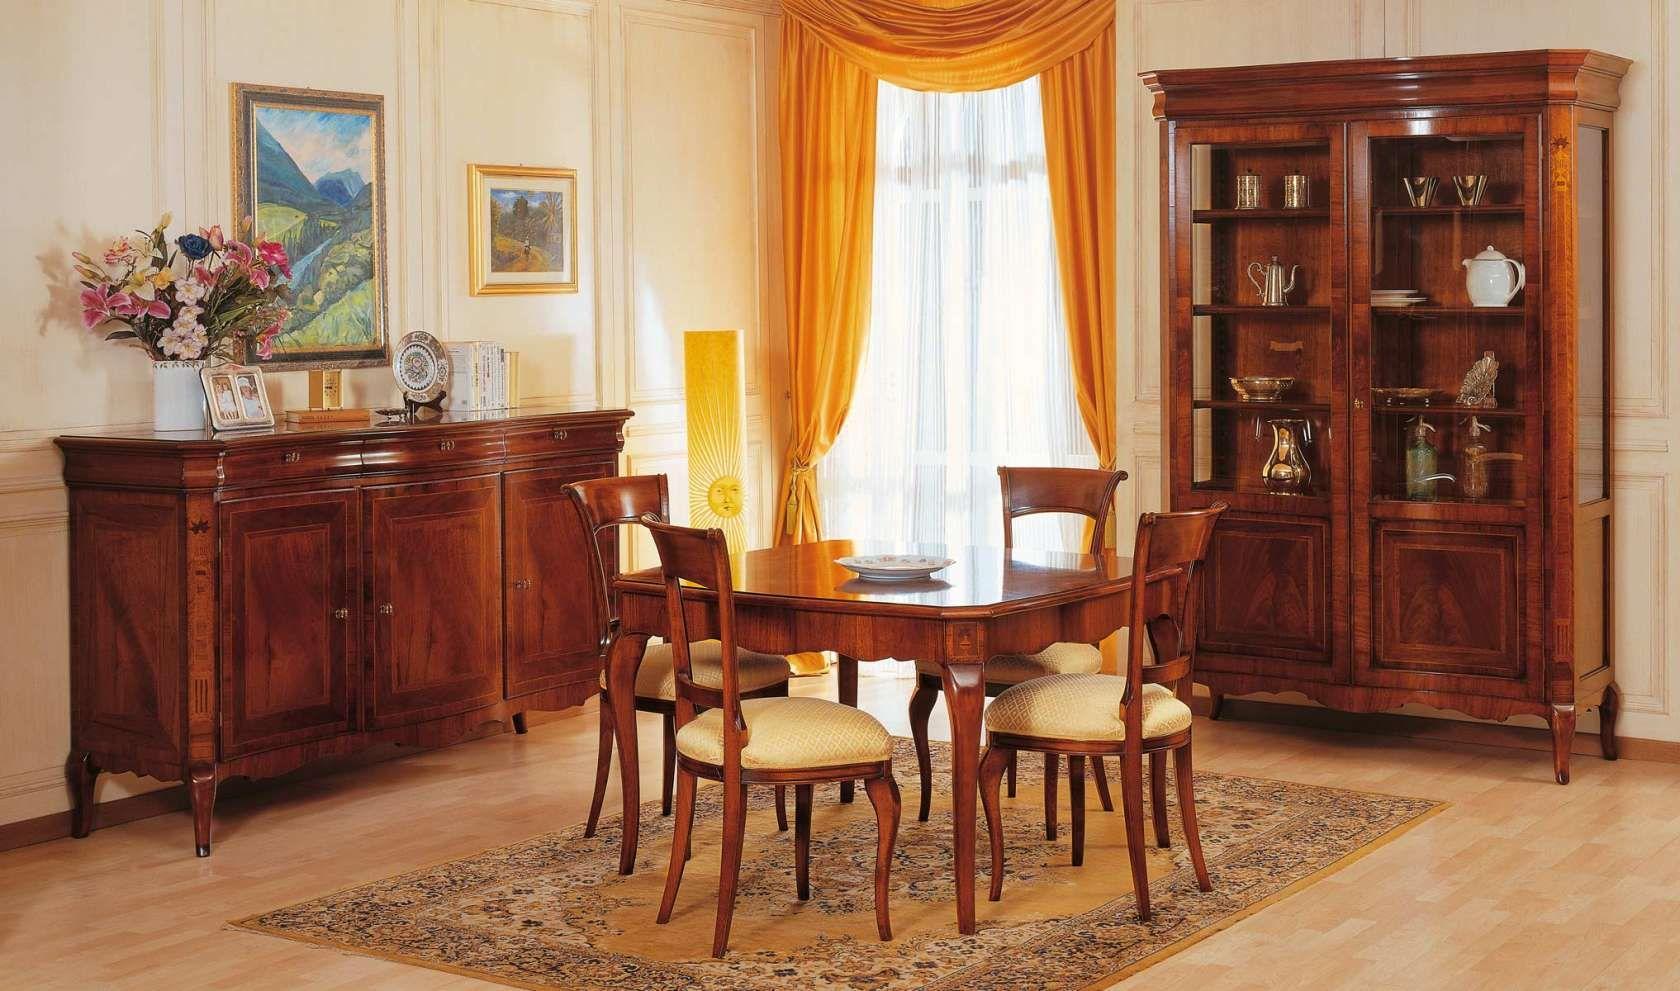 Mobili Per Sala Classici.Mobili Classici Per Sala Pranzo 800 Francese Room In 2019